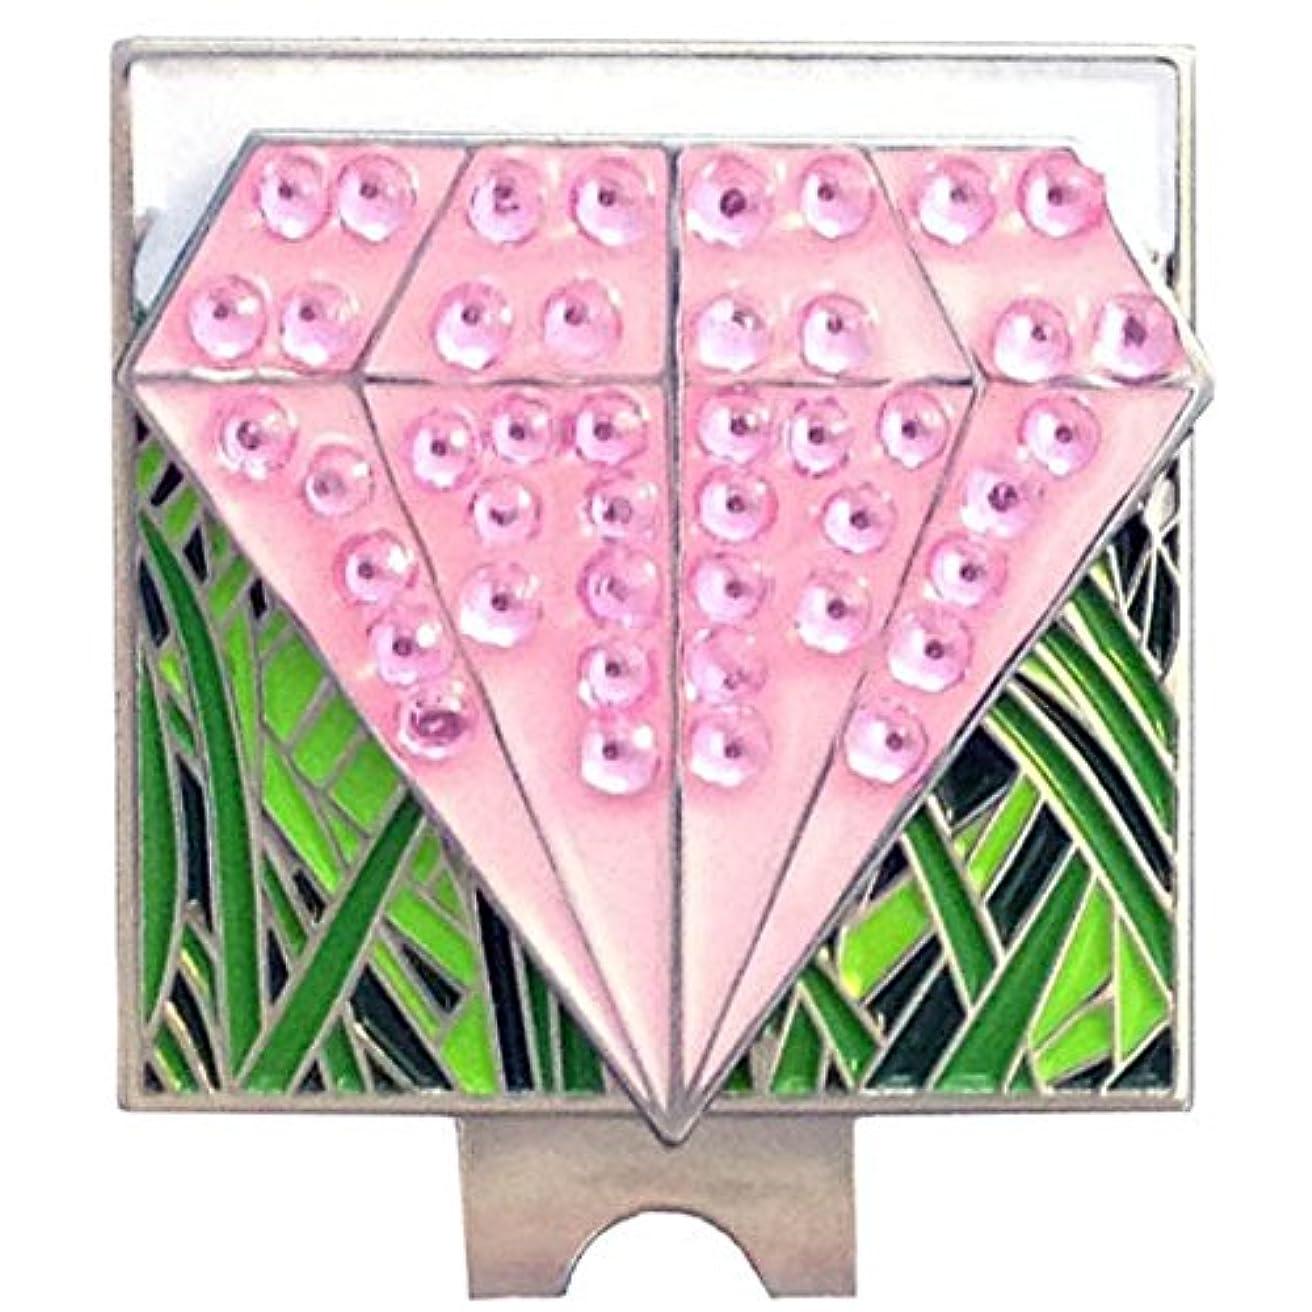 触手リズムデコレーションGiggleゴルフ – キラキラ光るピンクダイヤモンドボールマーカー& Rough帽子クリップ